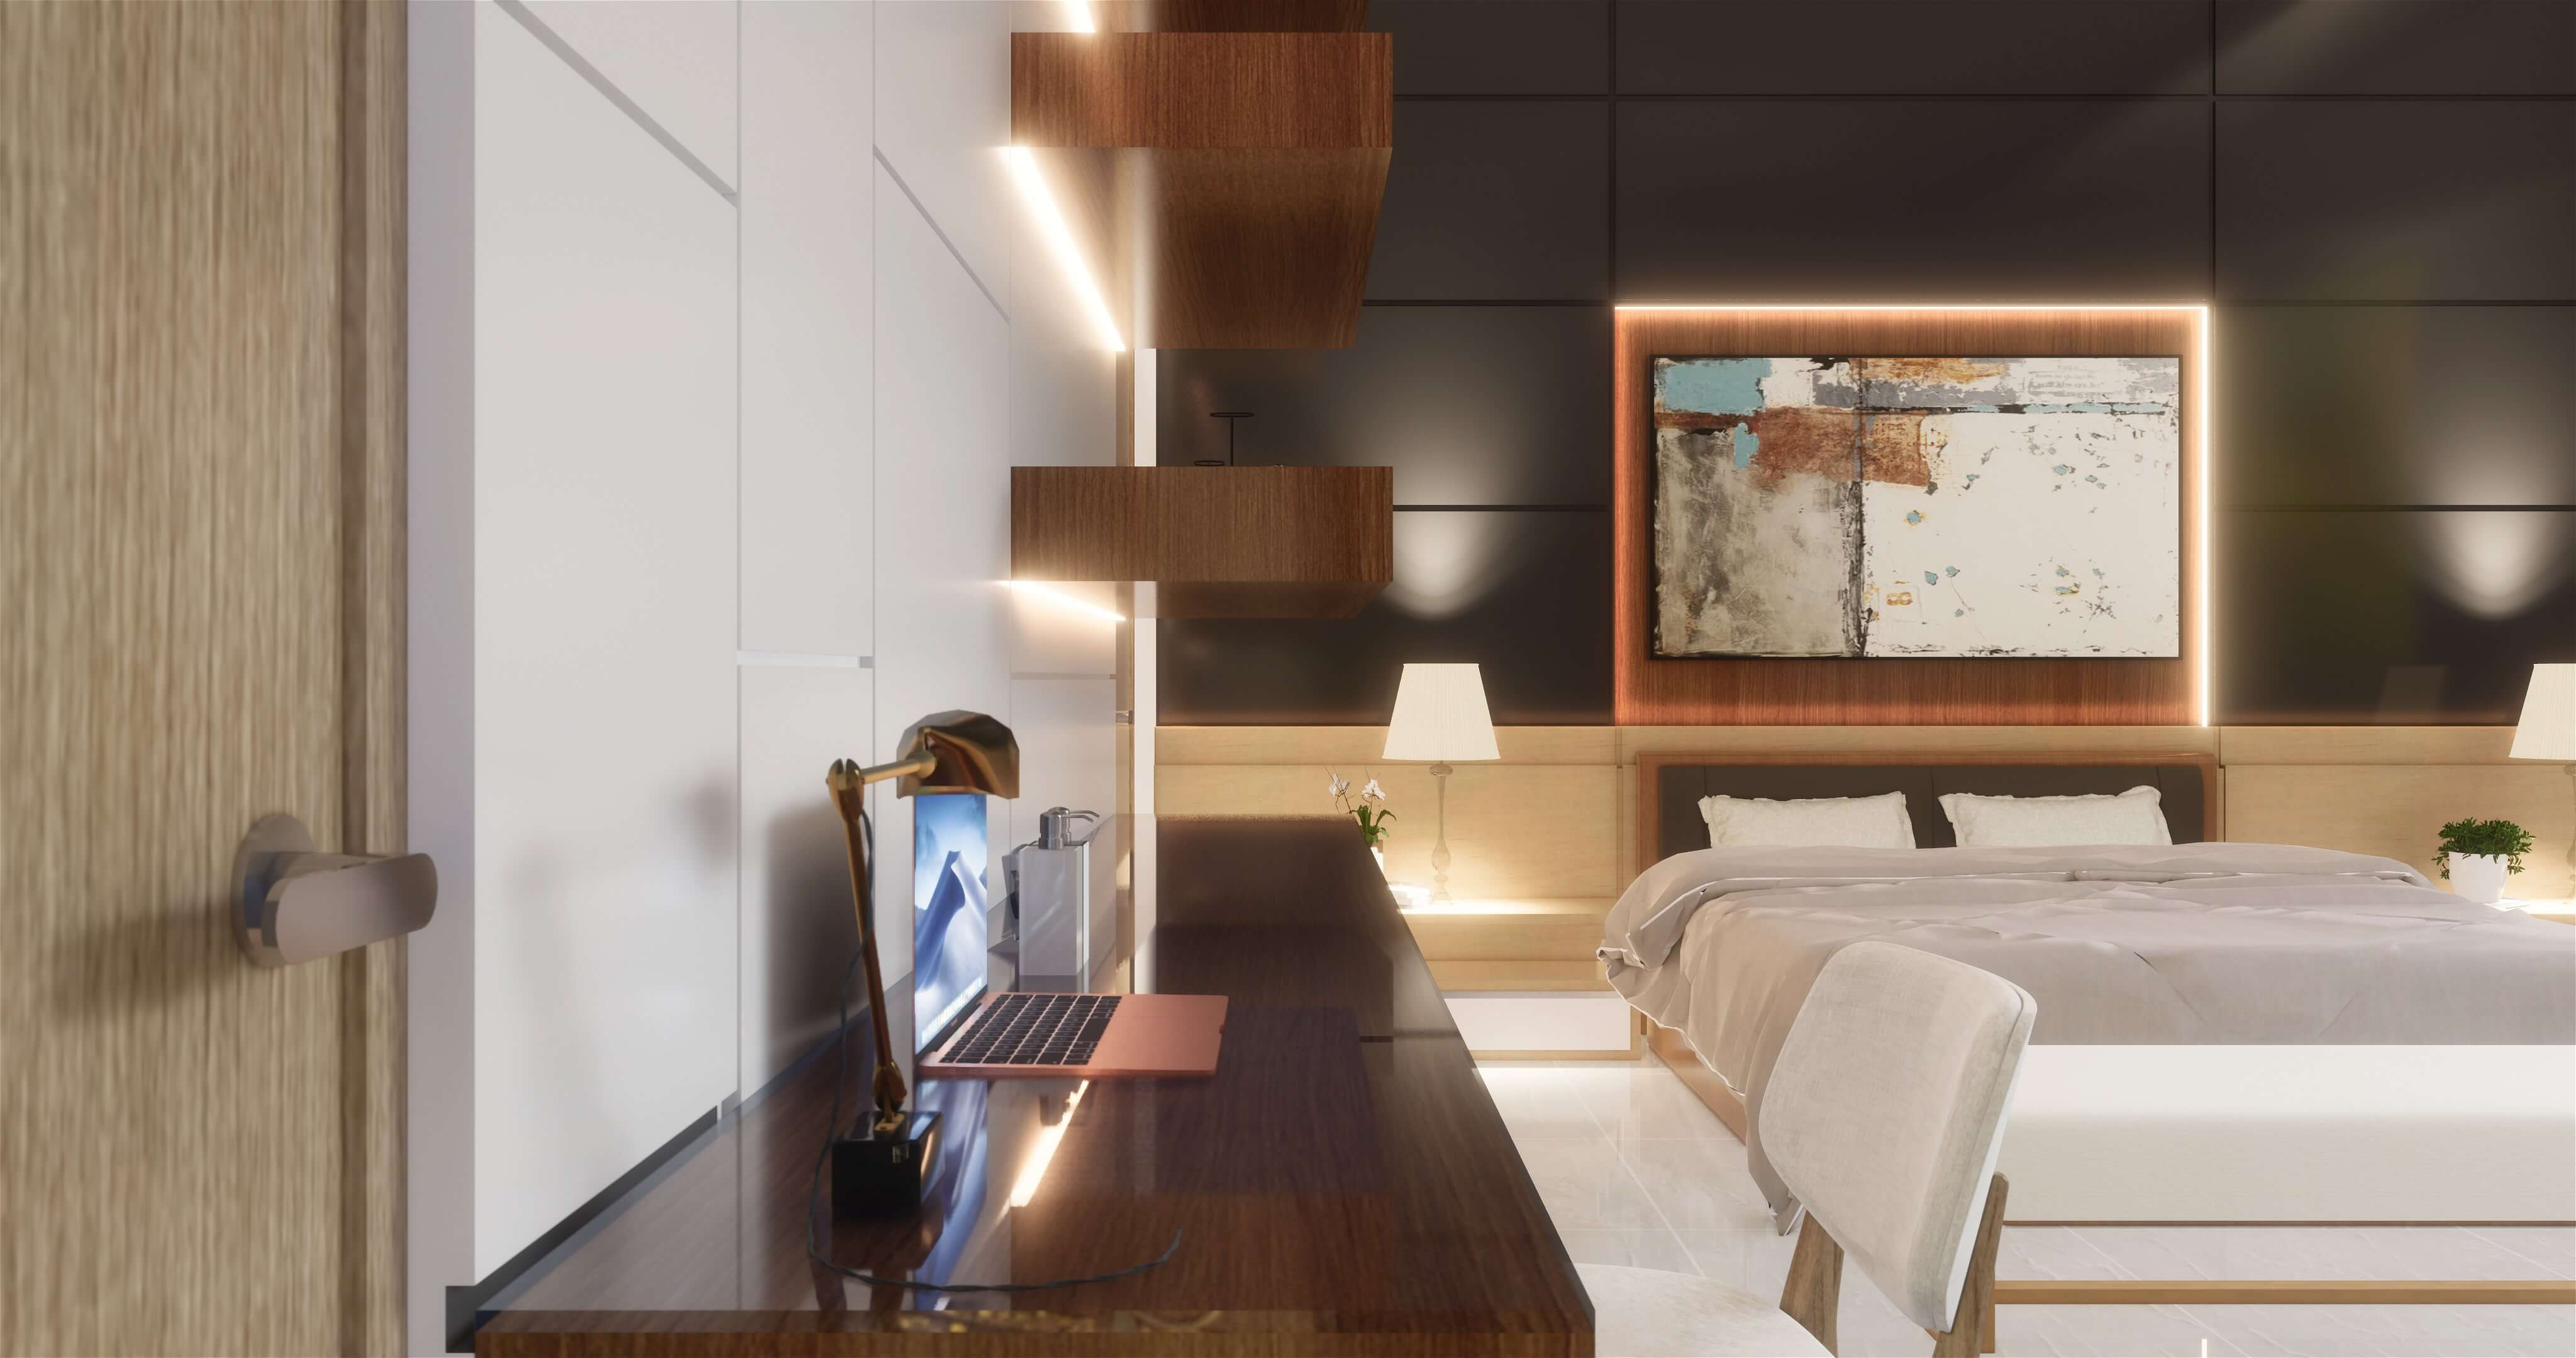 Desain kamar tidur utama modern minimalis